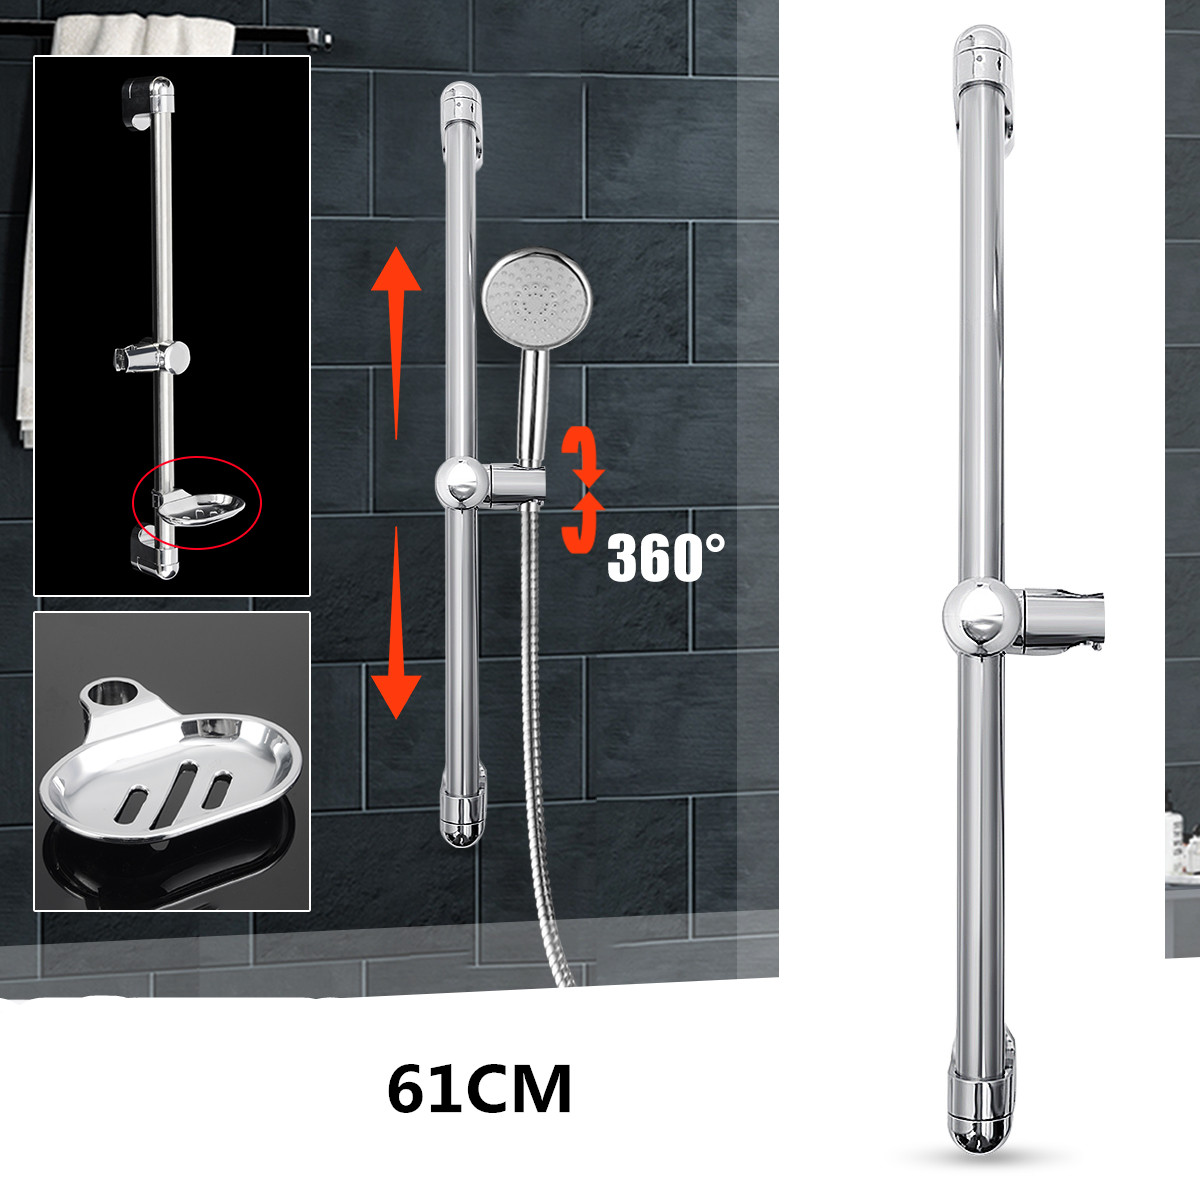 61cm Stainless Steel Chrome Shower Riser Rail Set Adjustable Shower Sliding Bar For Bathroom Shower Head Holder Riser Bracket